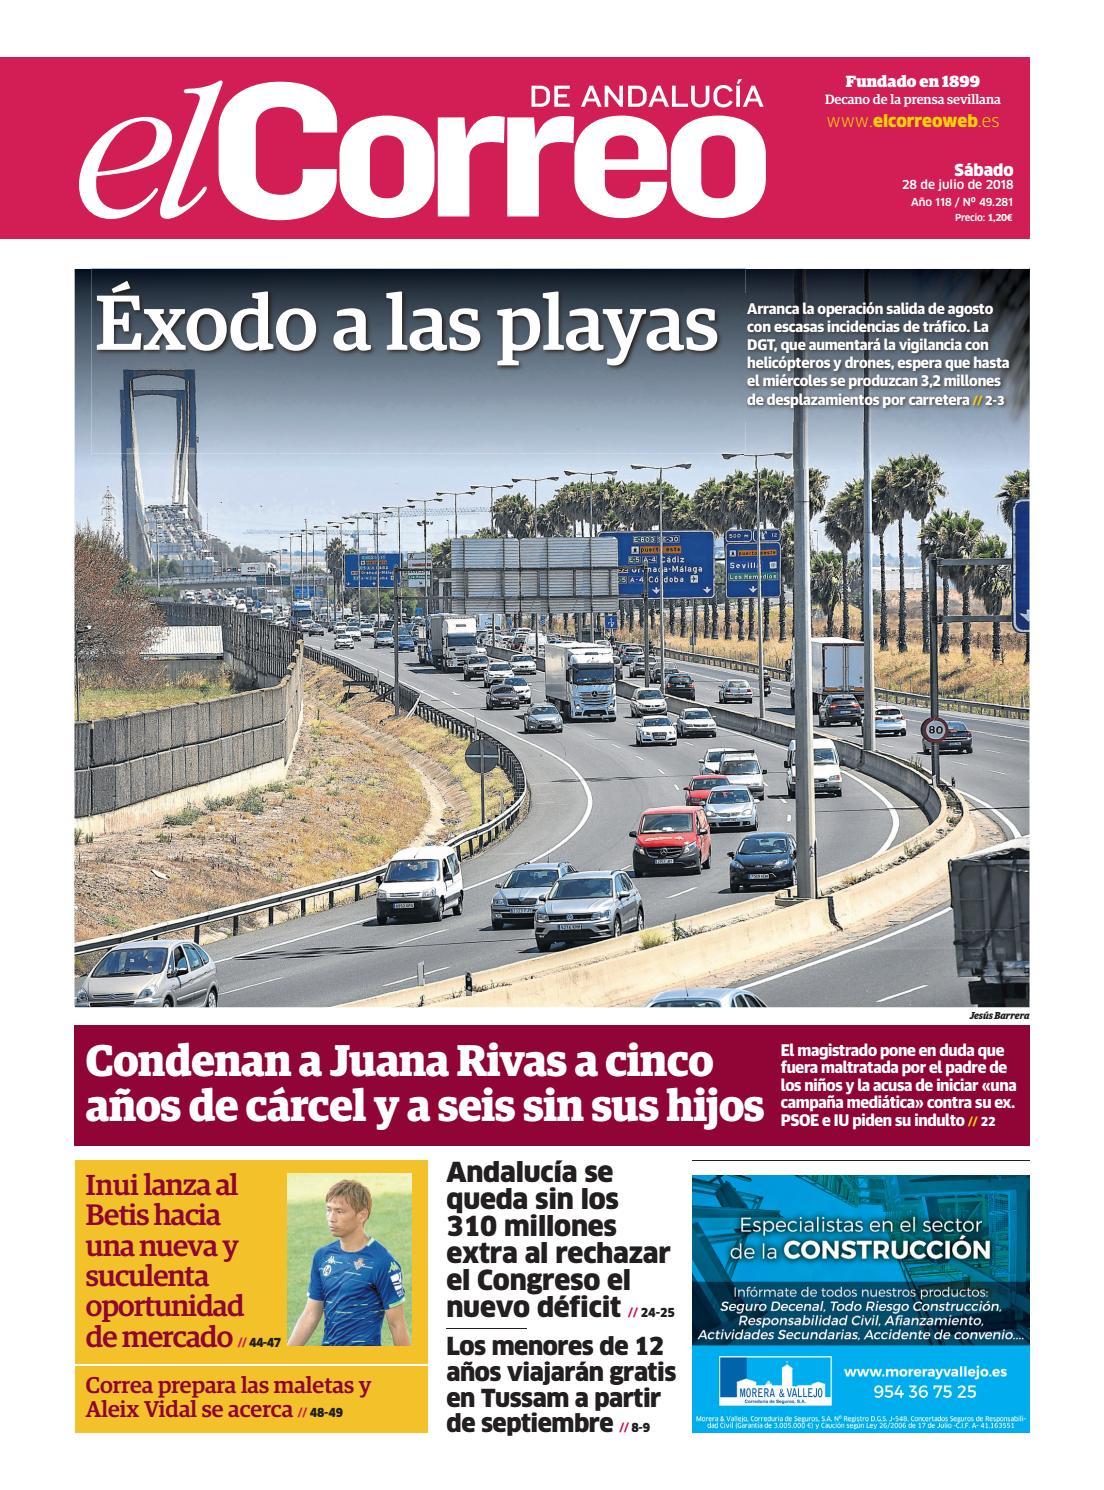 73e6c16cf 28.07.2018 El Correo de Andalucía by EL CORREO DE ANDALUCÍA S.L. - issuu